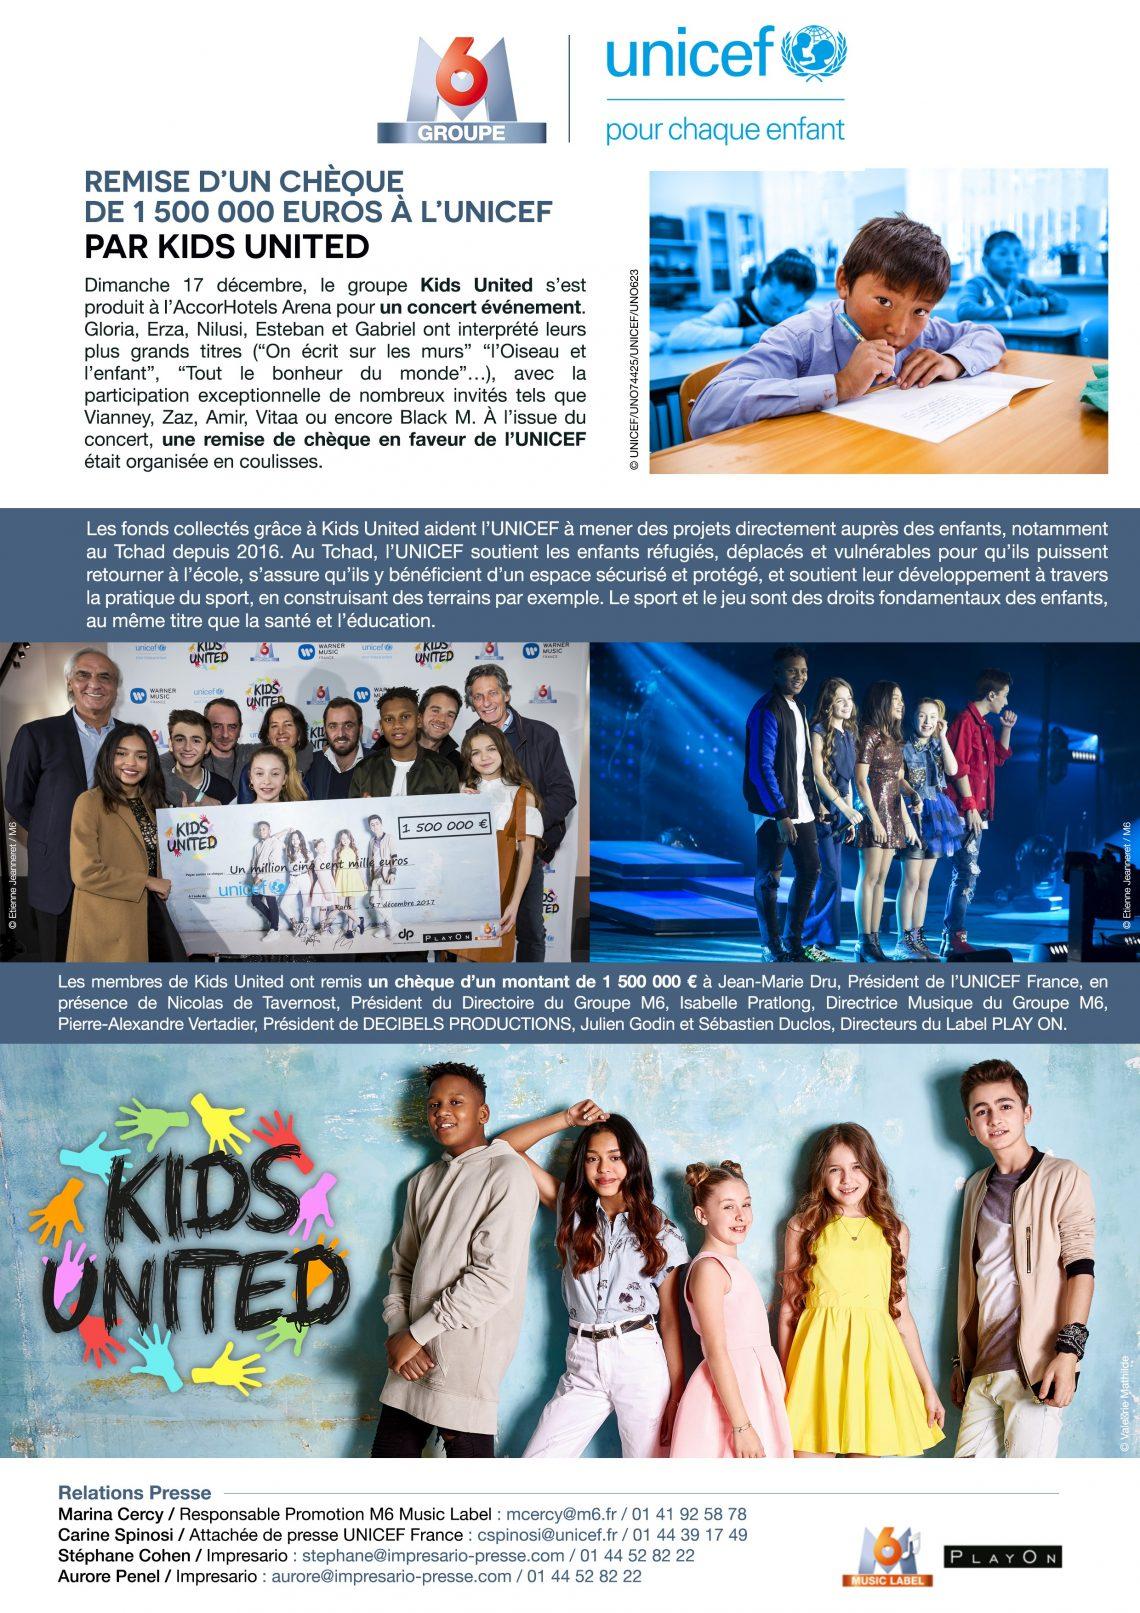 Remise d'un chèque de 1 500 000 euros à l'UNICEF par Kids United